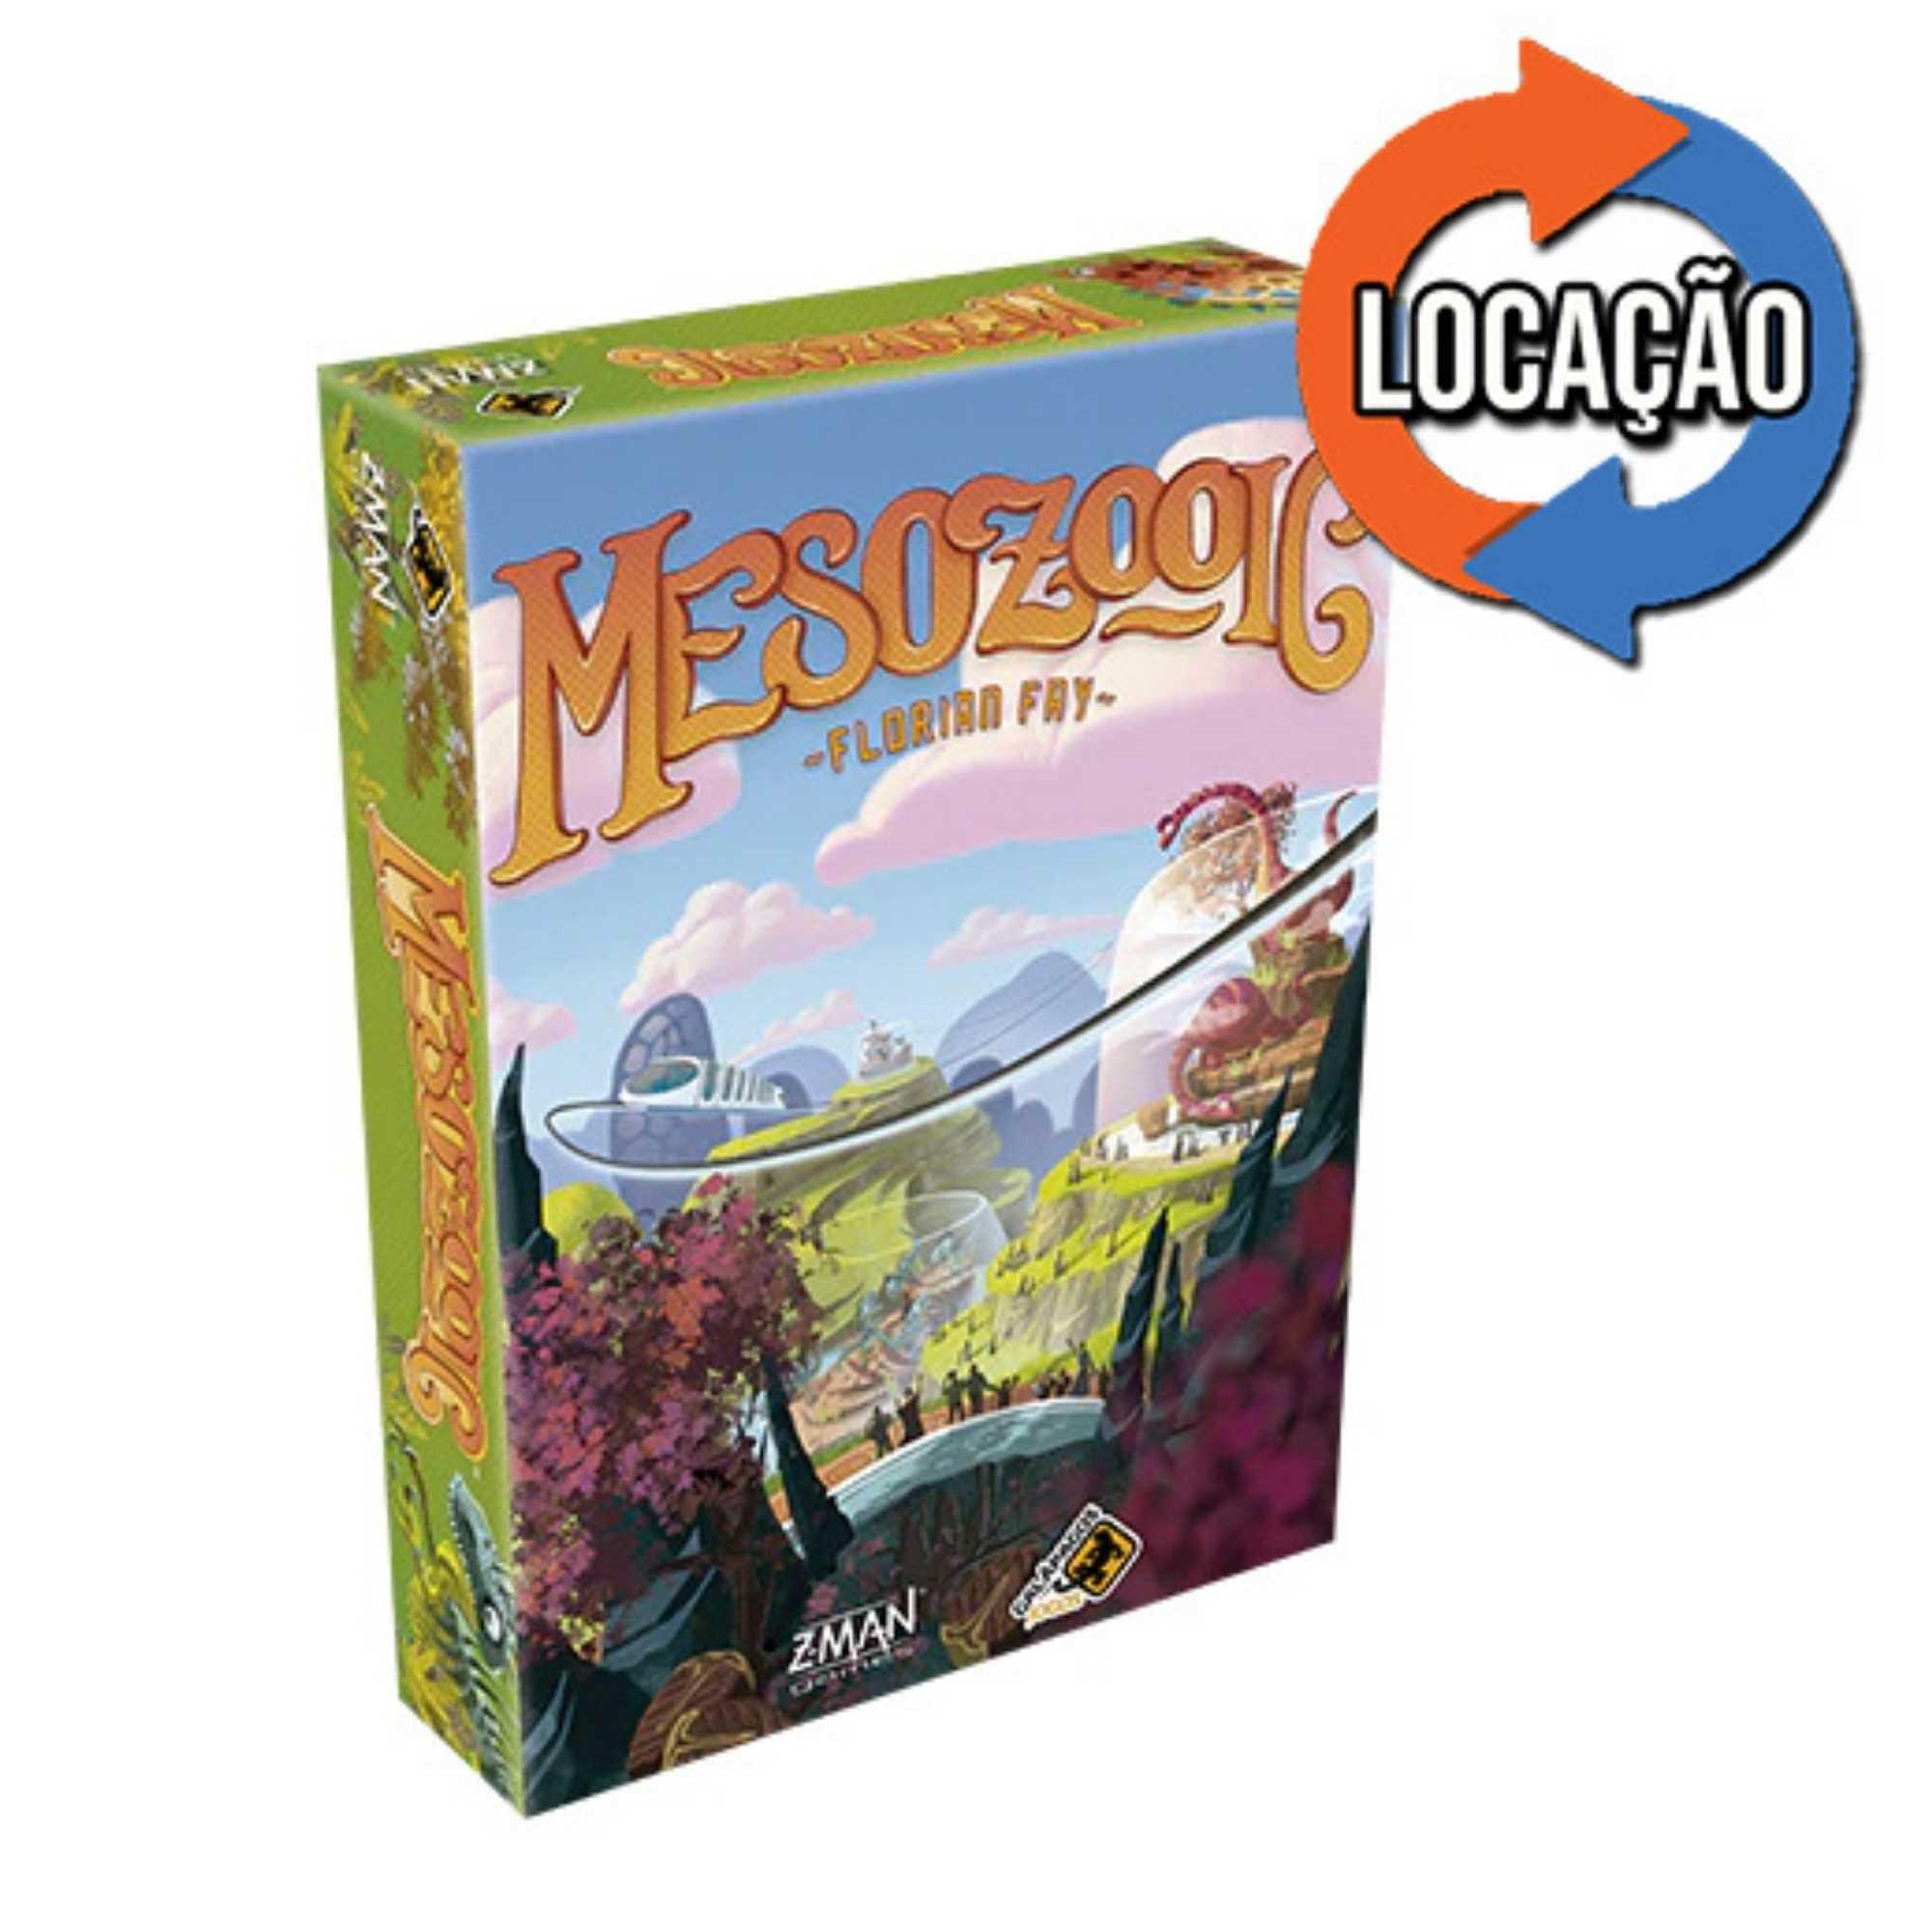 Mesozooic (Locação)